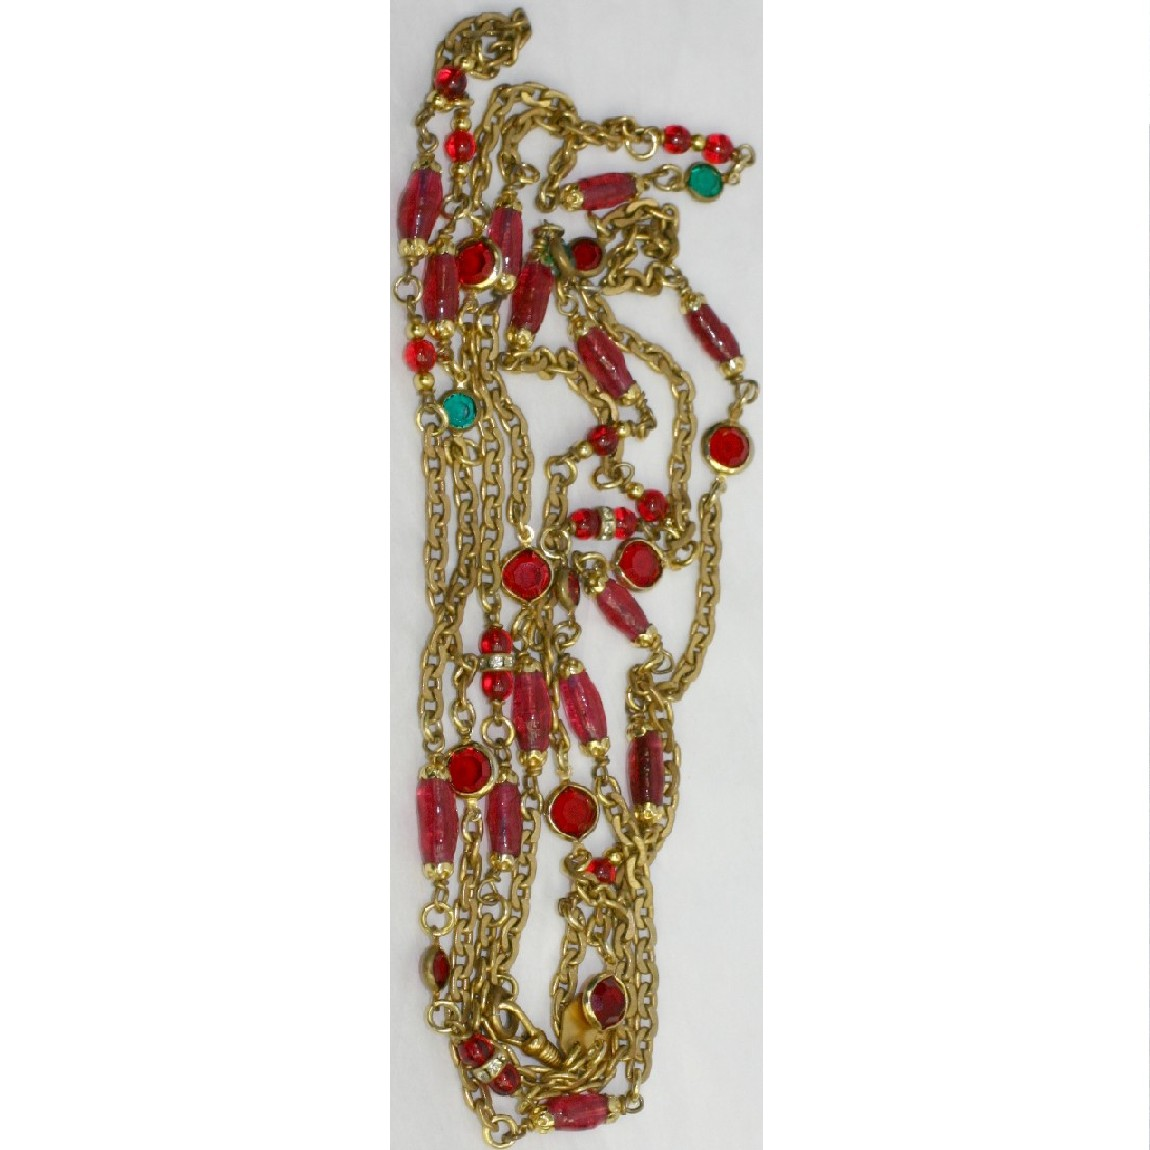 【中古】本物ビンテージ1984年製シャネル女性用170cm金色チェーンにワインレッドと緑色のラインストーン付きロングネックレス